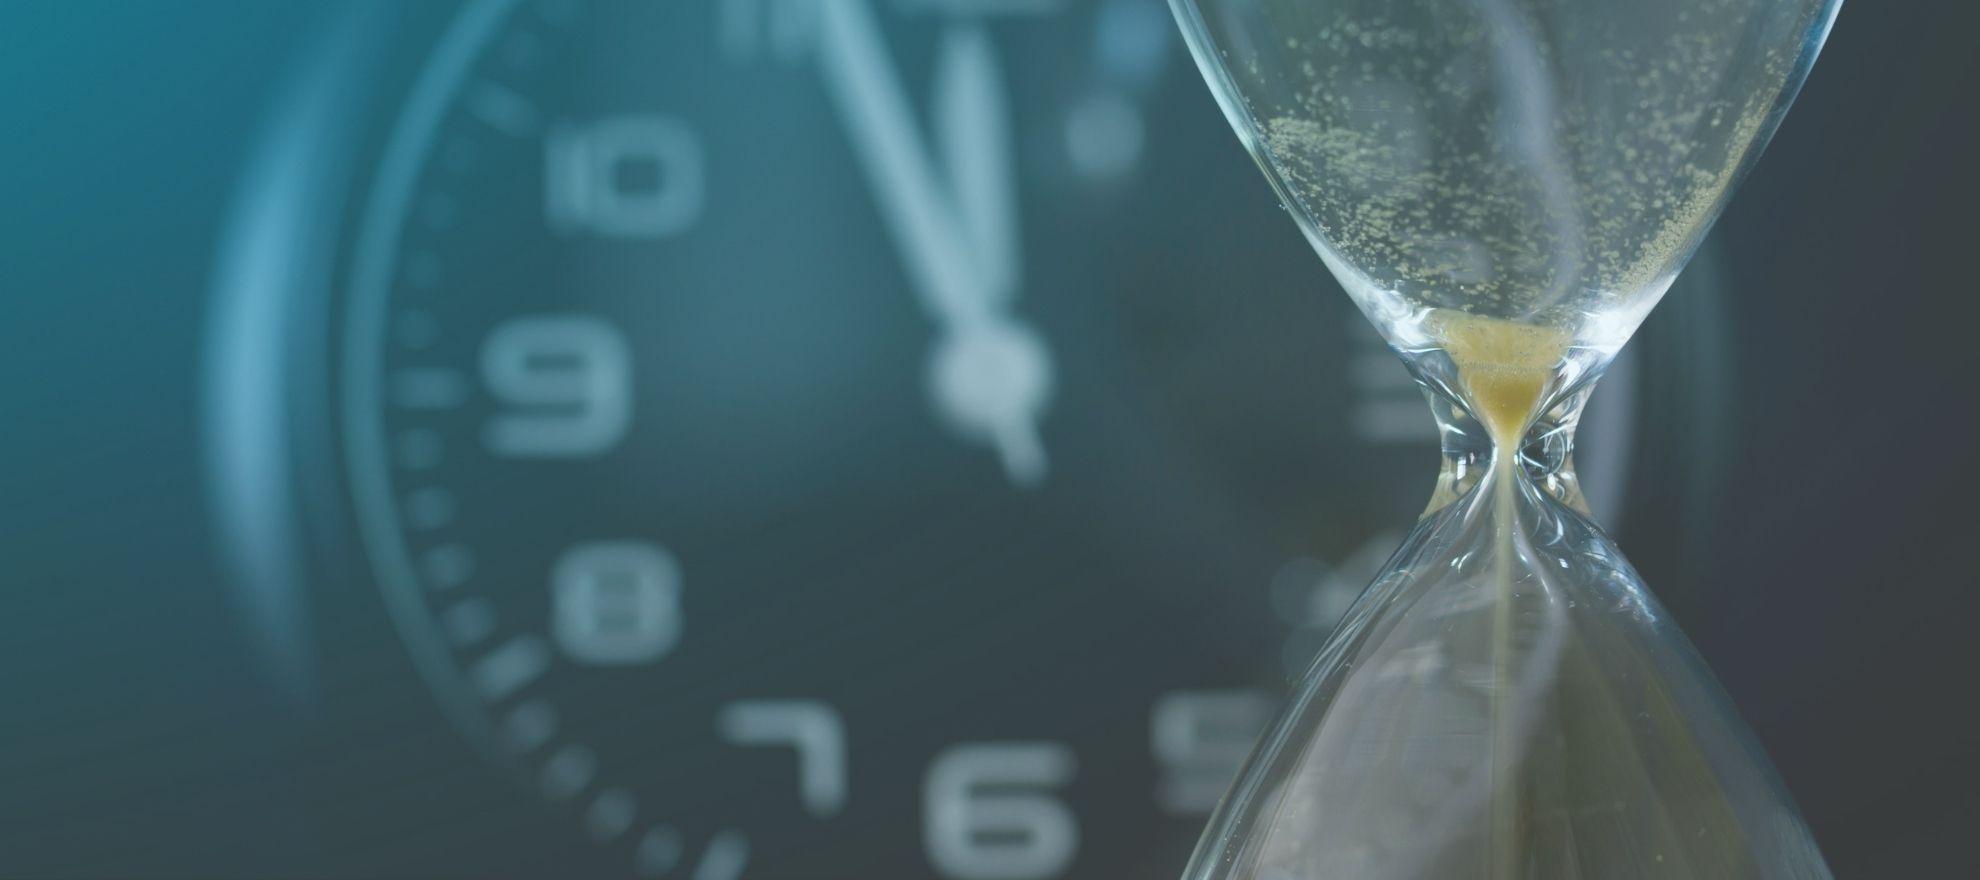 Indicador Momentum: Como avaliar o momento exato?